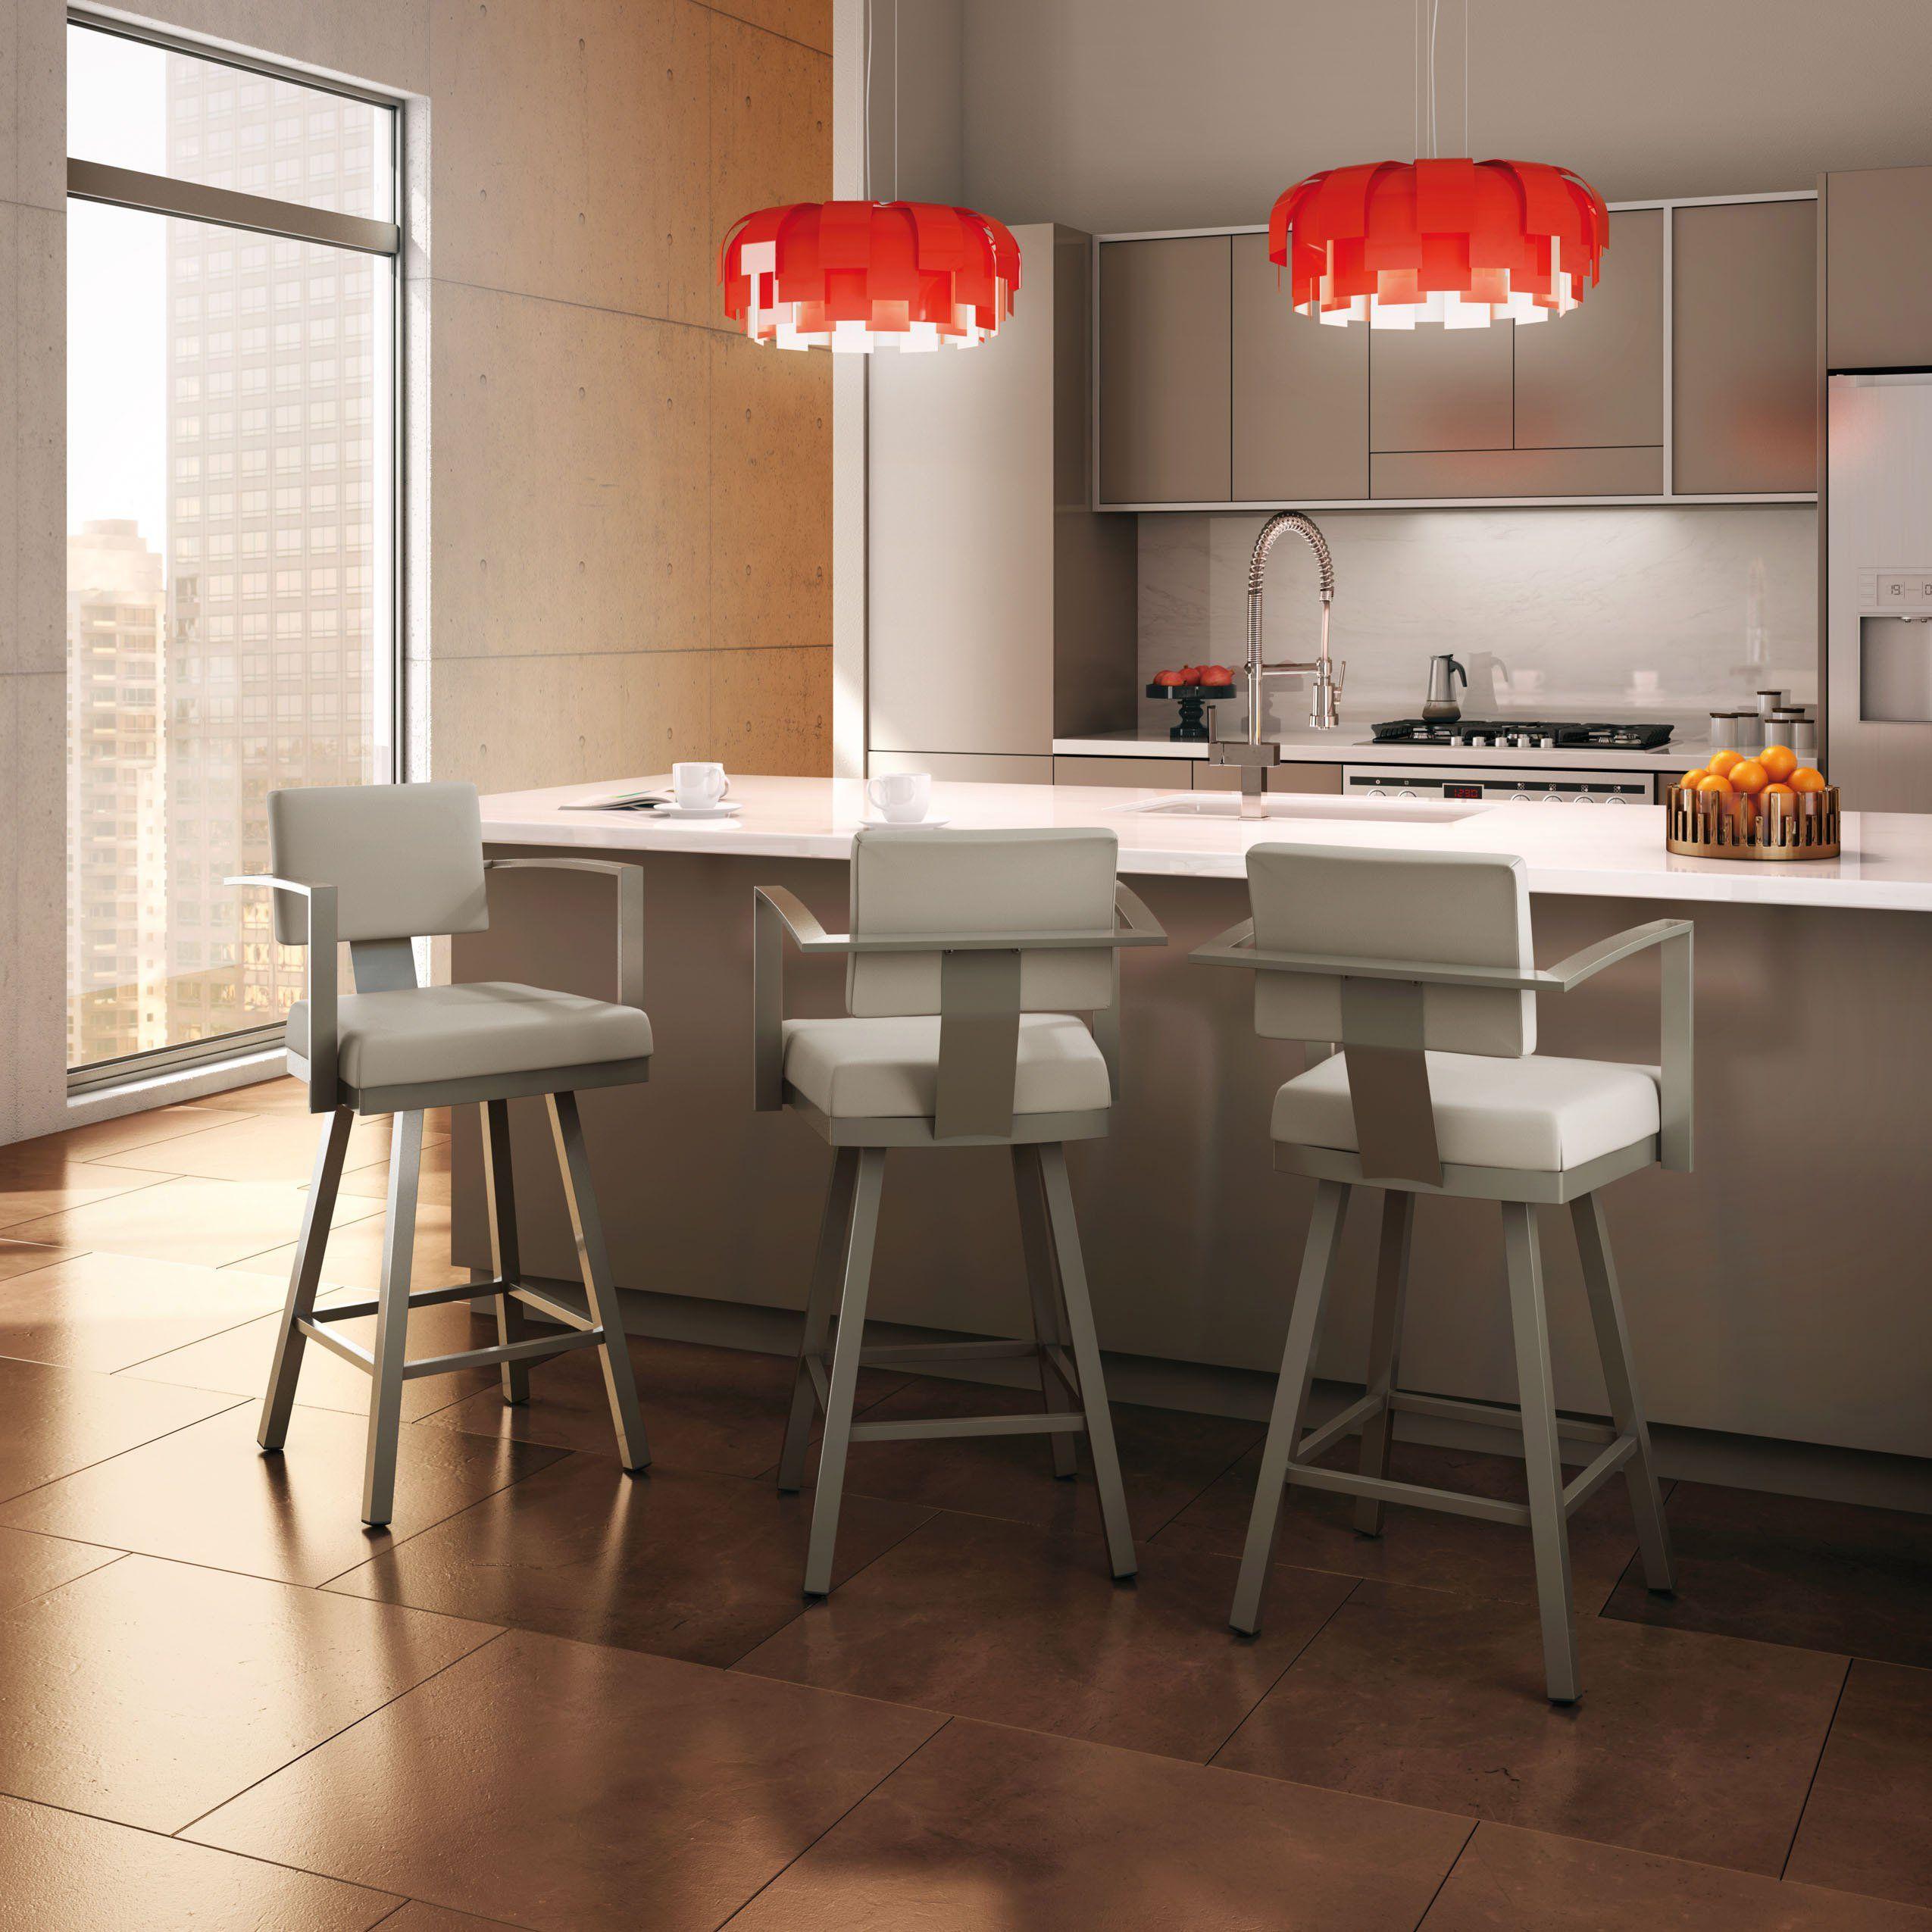 Full Size of Ikea Küchentheke Hhe Kchentheke Thekenhhe Wie Hoch Ist Eine Normale Bar Miniküche Sofa Mit Schlaffunktion Küche Kosten Betten 160x200 Bei Kaufen Modulküche Wohnzimmer Ikea Küchentheke